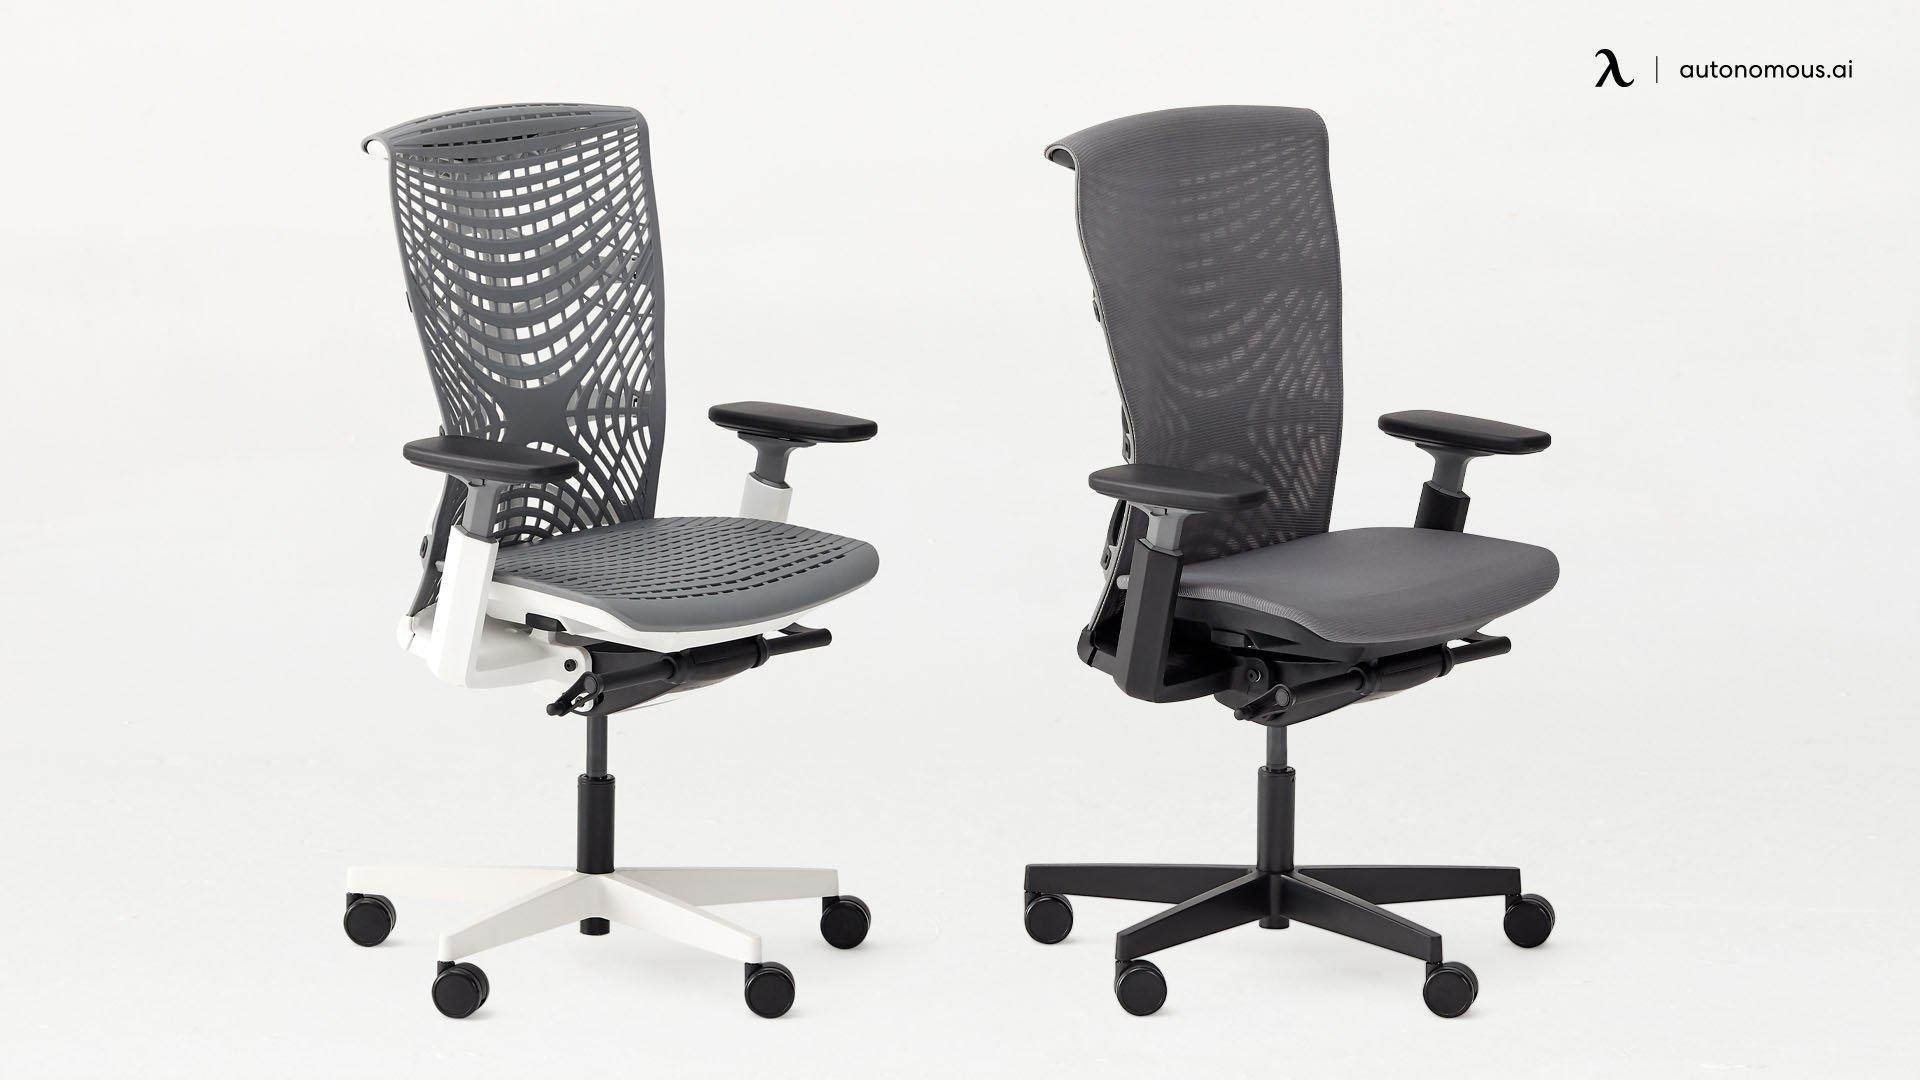 ErgoChair Pro + - best ergonomic office chair design